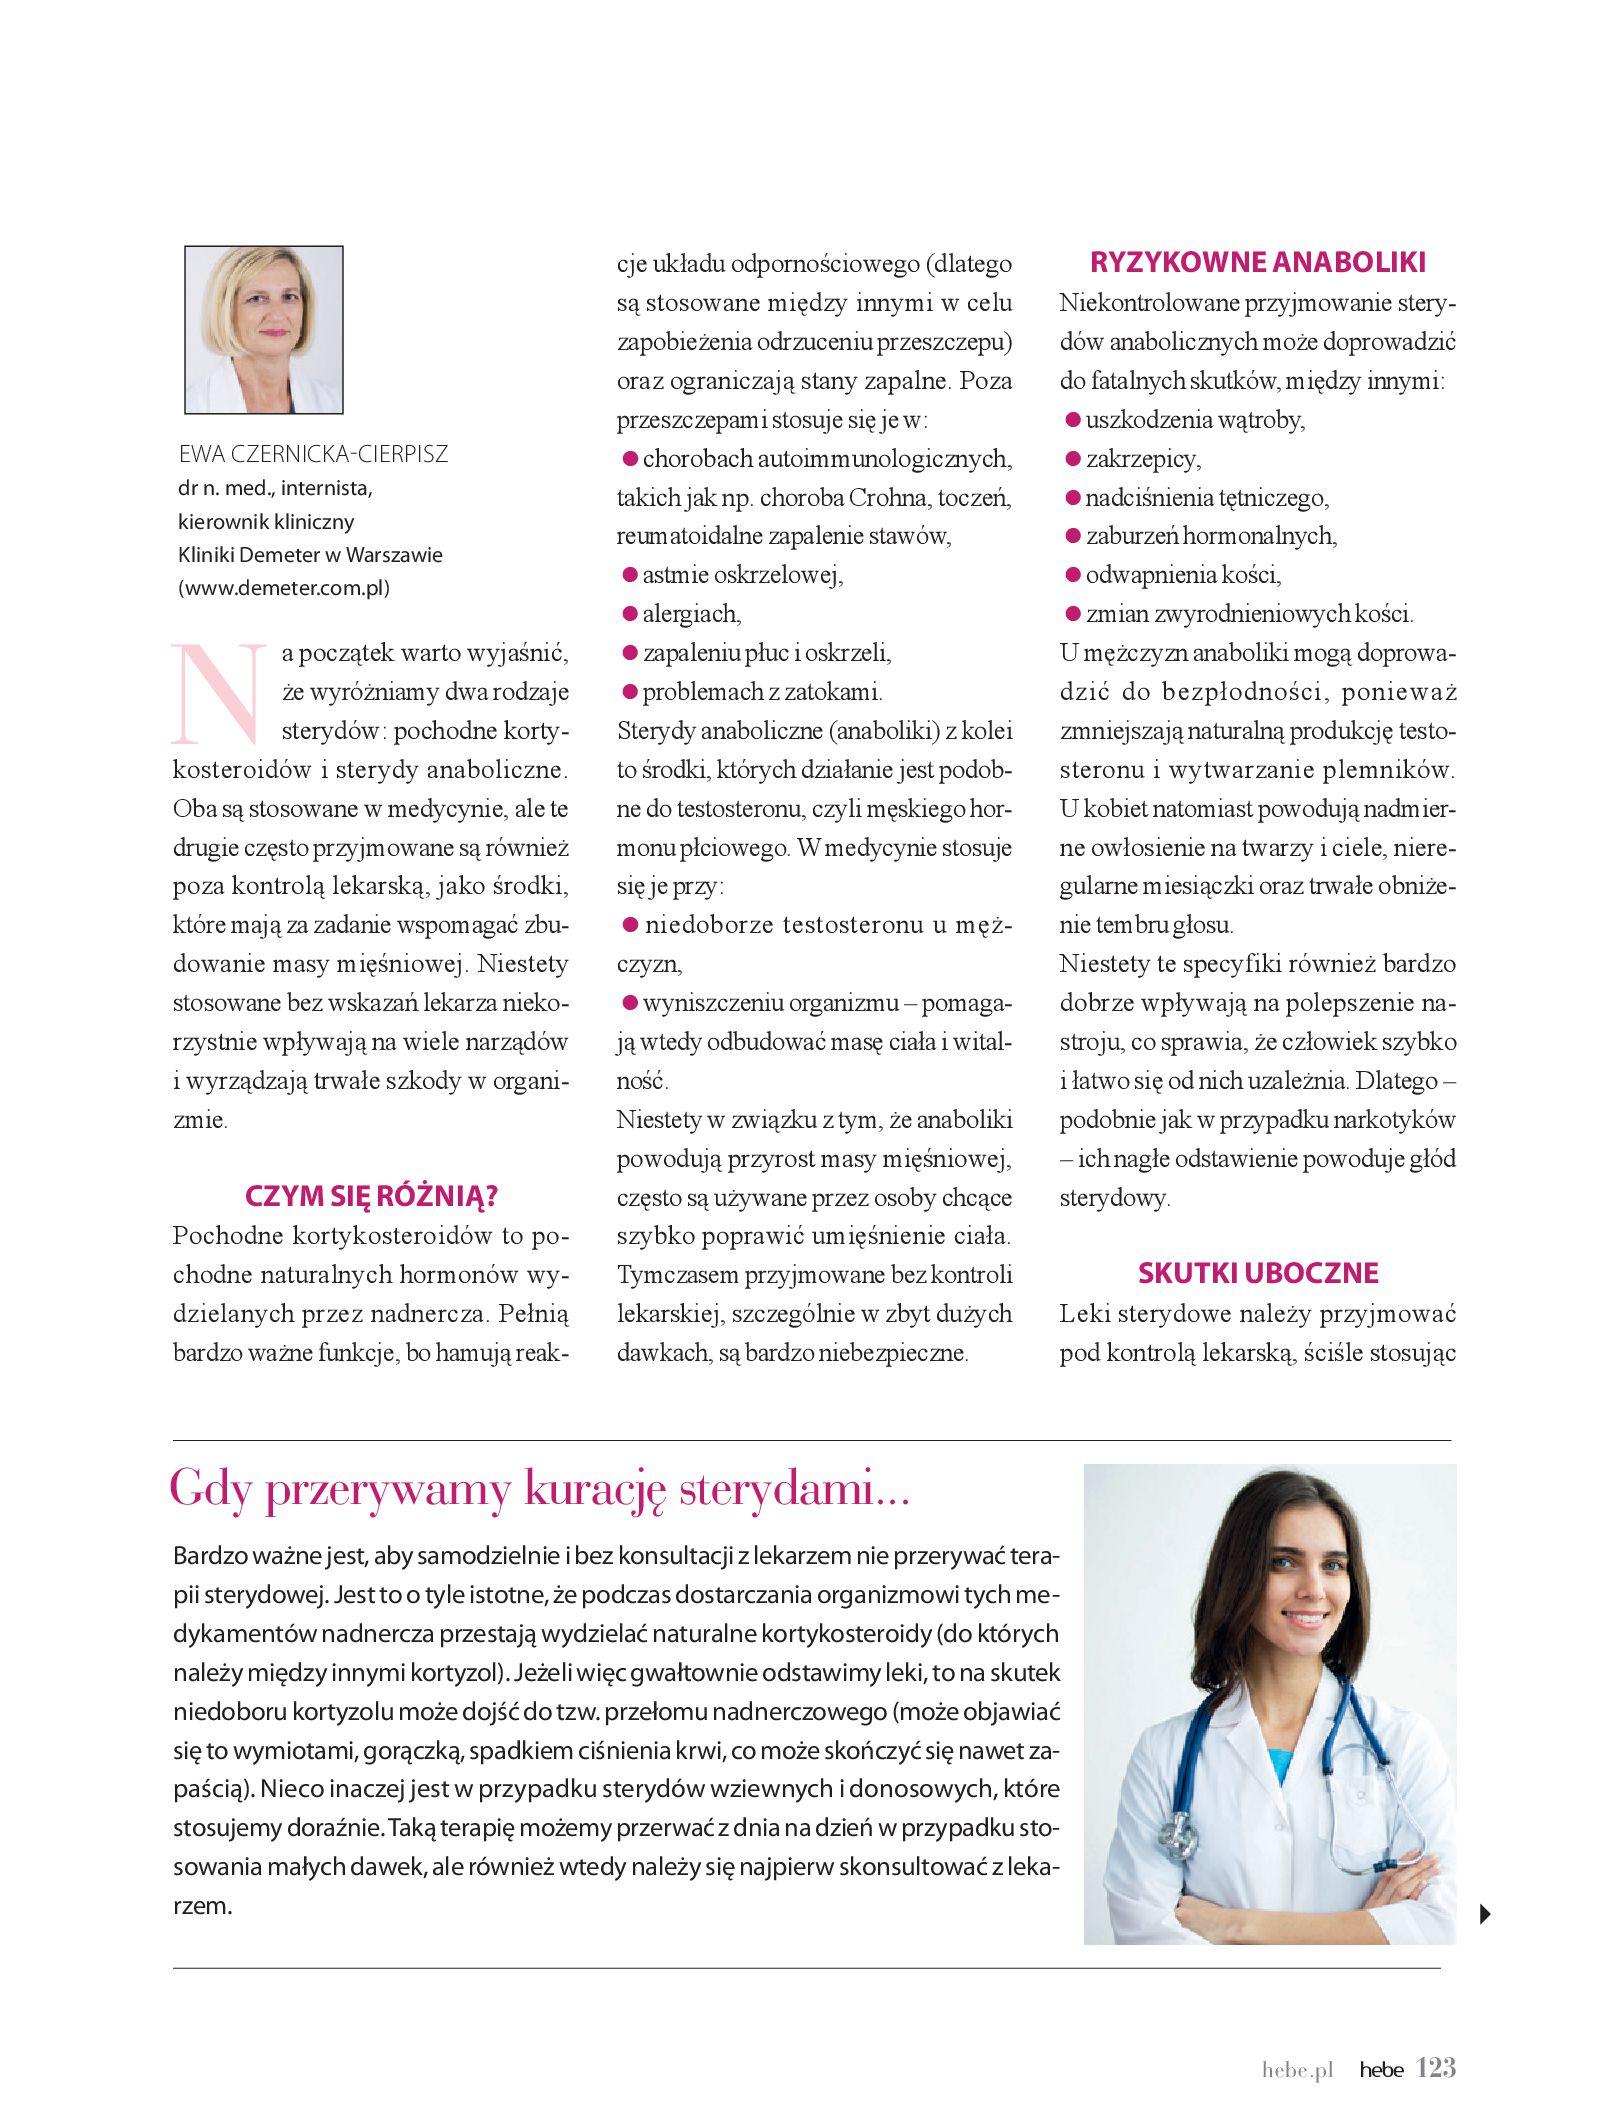 Gazetka hebe: Magazyn hebe - TURBO nawilżanie po urlopie 2021-09-01 page-123